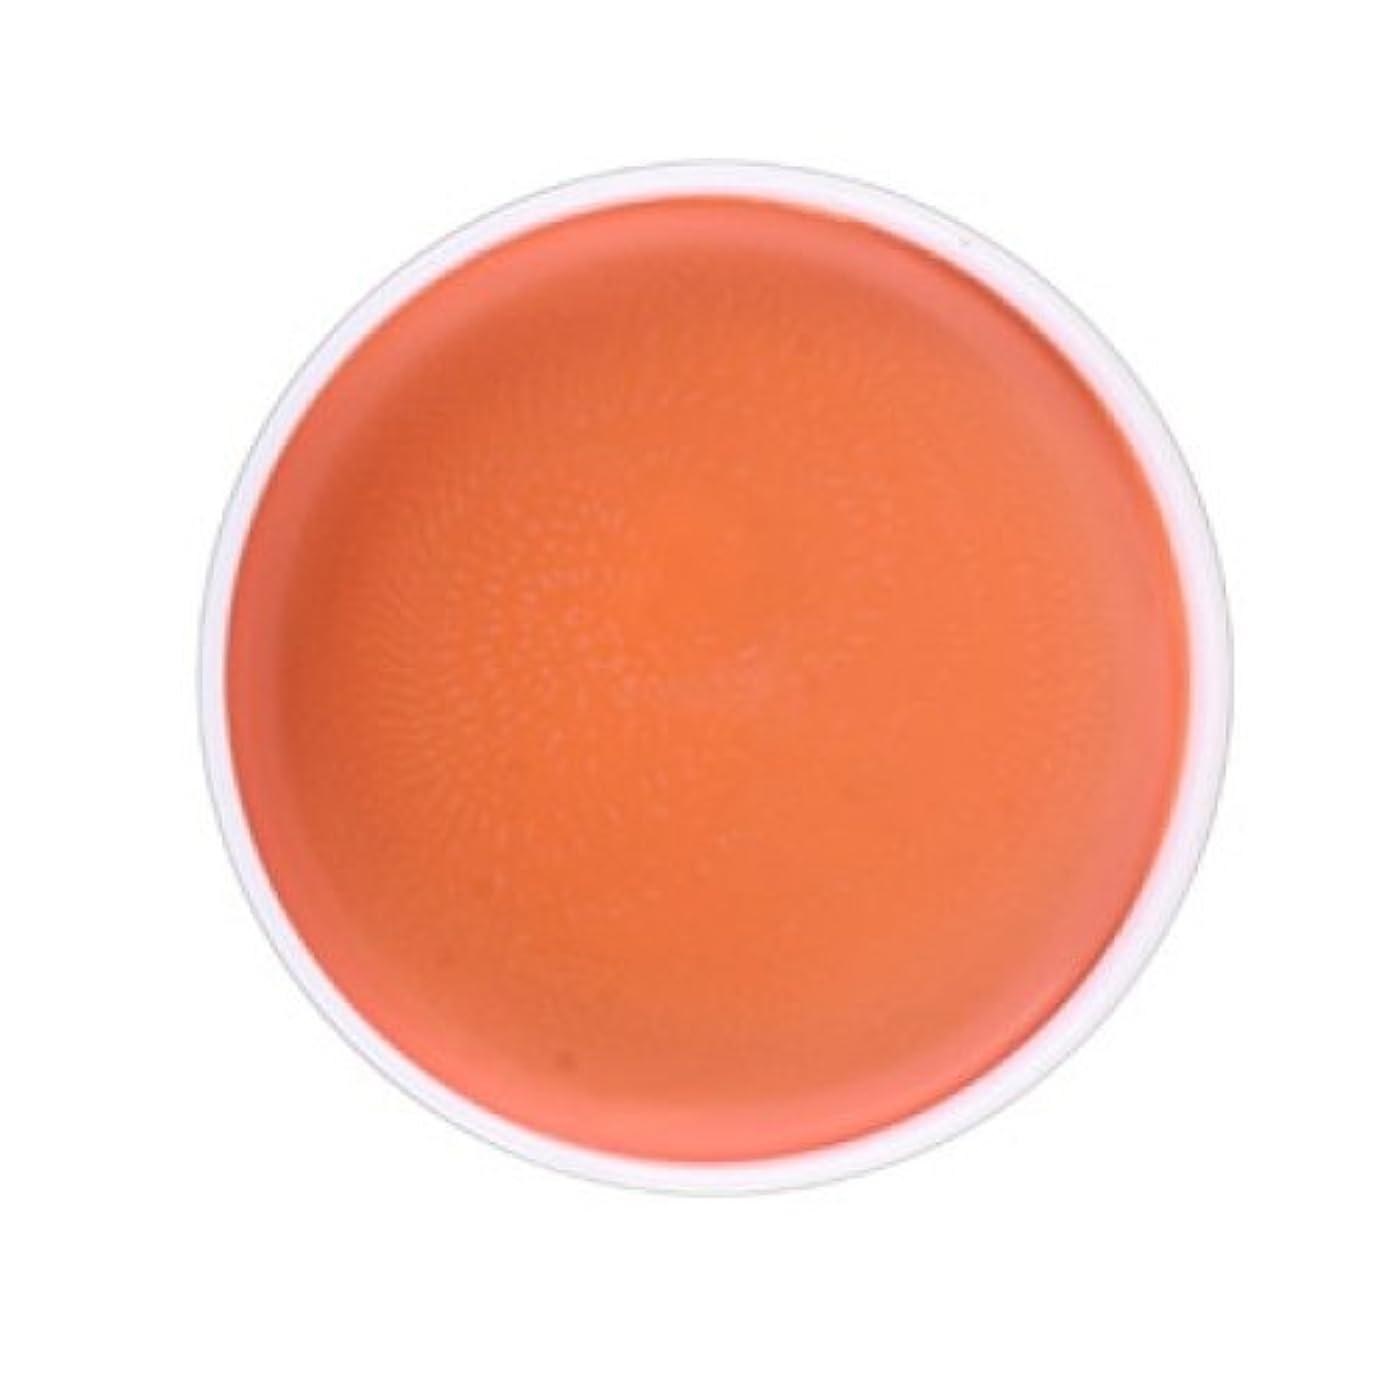 鎮痛剤同種の影のあるmehron Color Cups Face and Body Paint - Auguste (並行輸入品)